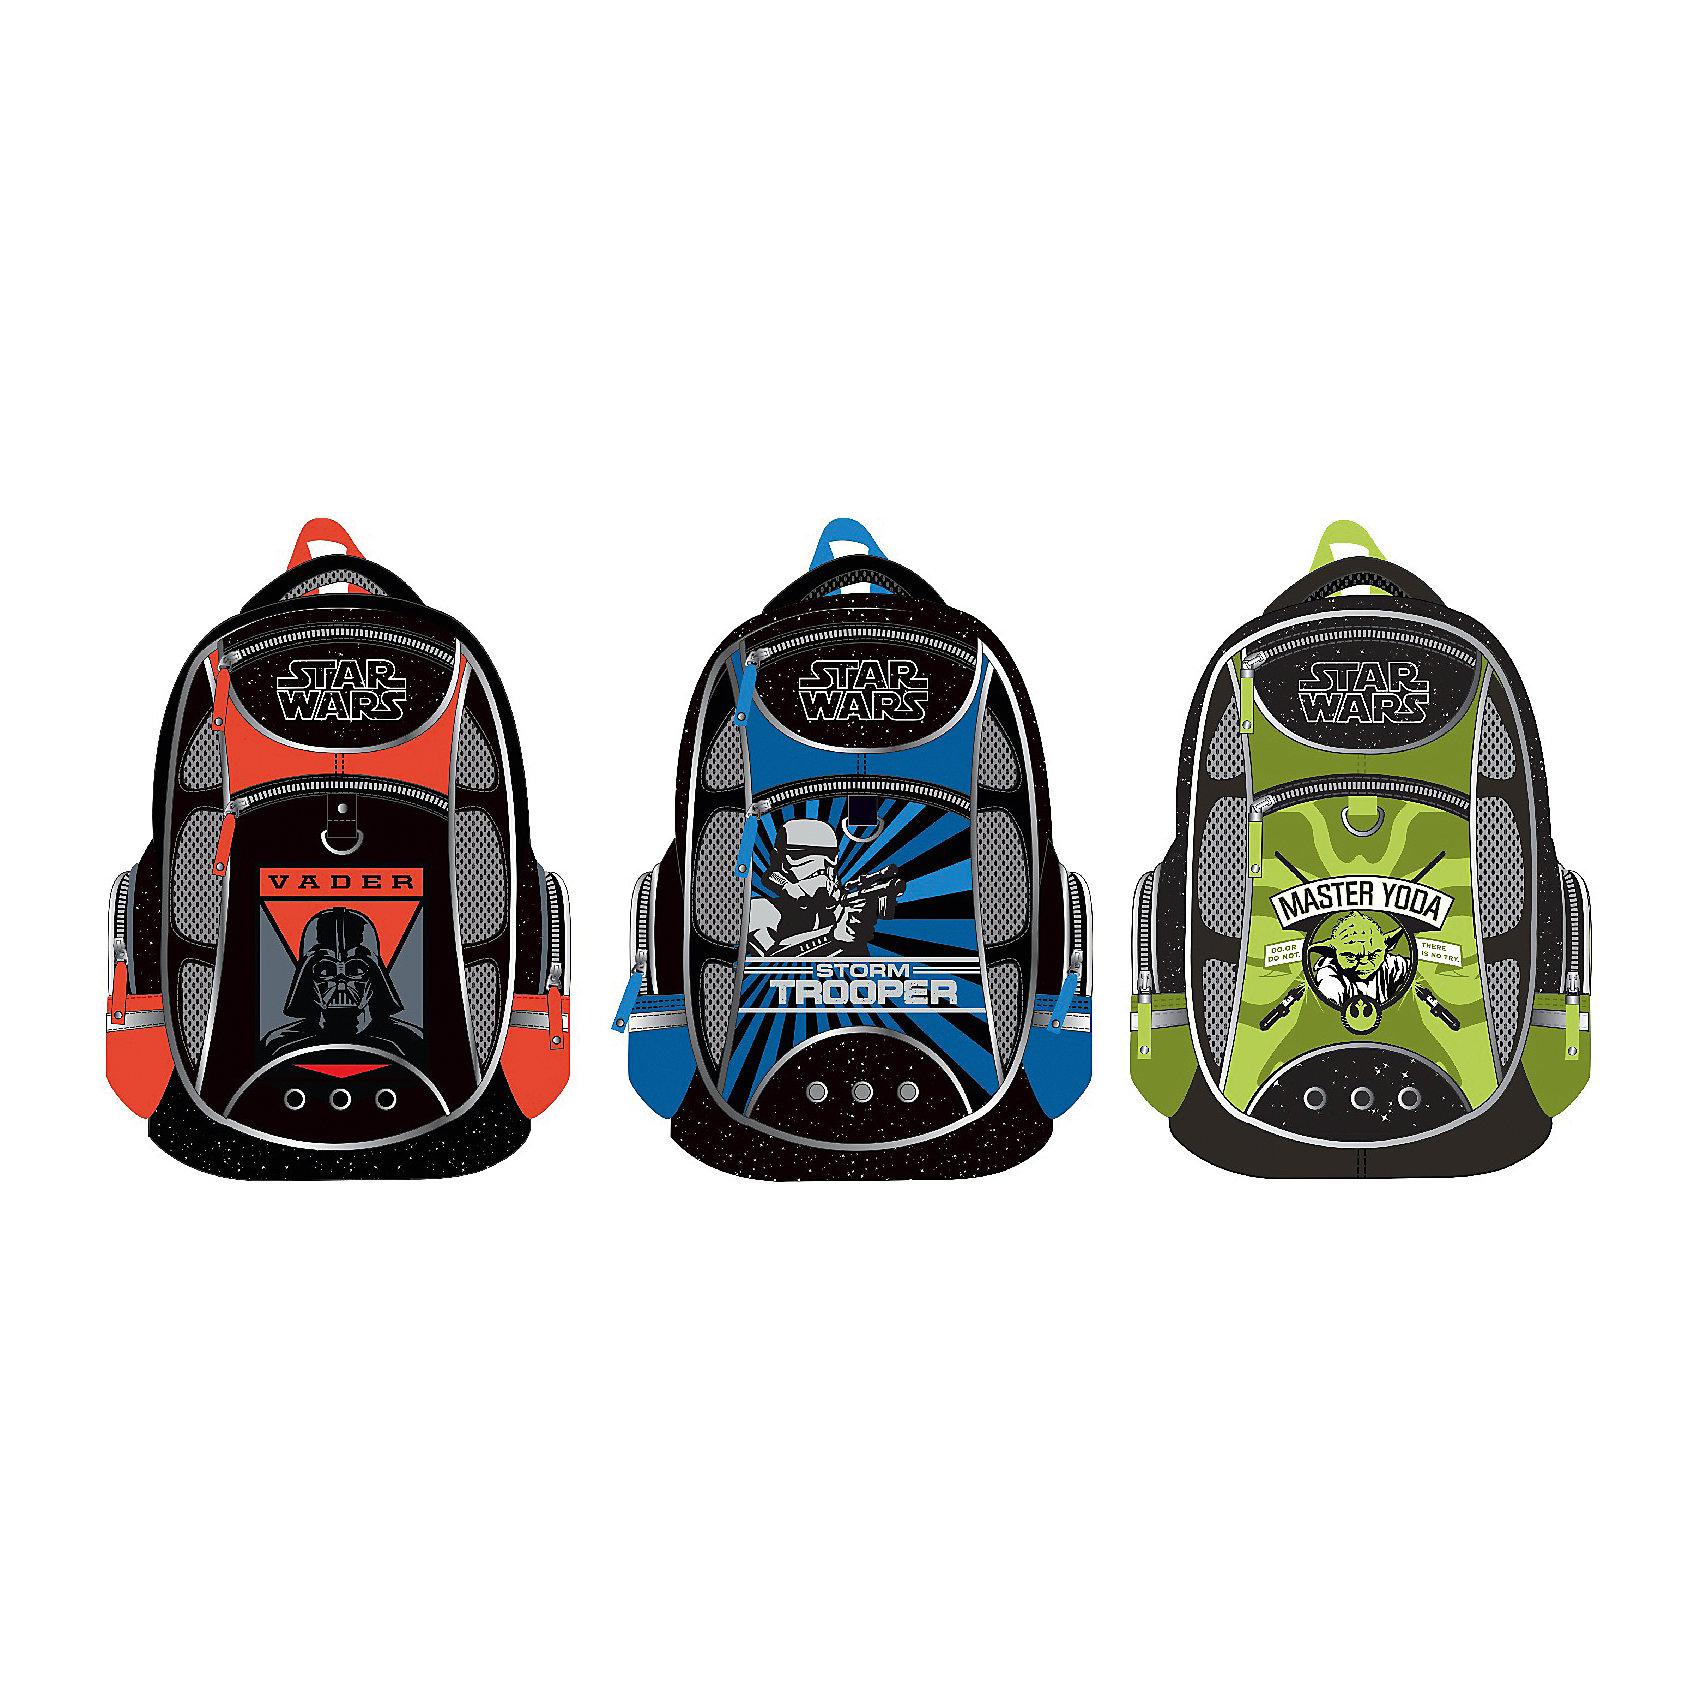 Рюкзак школьный Star Wars ErichKrause, в ассортиментеЗвездные войны<br>Школьный рюкзак, Star Wars – этот легкий вместительный рюкзак будет надежным спутником для вашего школьника.<br>У рюкзака Star Wars эргономичная конструкция спинки из подушечек с вентиляционными каналами, которая не только не дает ребенку сутулиться, но и обеспечивает идеальную вентиляцию для спины. Уплотненные S-образные лямки из вентилируемого сетчатого материала с системой регулирования для изменения положения рюкзака одним движением позволят снизить нагрузку на плечи. Рюкзак имеет 2 отделения, два фронтальных кармана на молниях, дополнительные боковые карманы, закрывающиеся на застежки-молнии. Дно укреплено пластиковыми ножками и внутренней откидывающейся жесткой вставкой. Имеется мягкая ручка и петля для подвешивания. Светоотражающие элементы, расположенные с 3х сторон изделия, обеспечивает большую безопасность в темноте.<br><br>Дополнительная информация:<br><br>- Размер: 44 x 31 x 16 см.<br>- Вес: 450 гр.<br>- Материал: полиэстер<br><br>Школьный рюкзак, Star Wars можно купить в нашем интернет-магазине.<br><br>Ширина мм: 280<br>Глубина мм: 140<br>Высота мм: 380<br>Вес г: 810<br>Возраст от месяцев: 72<br>Возраст до месяцев: 120<br>Пол: Мужской<br>Возраст: Детский<br>SKU: 4744494